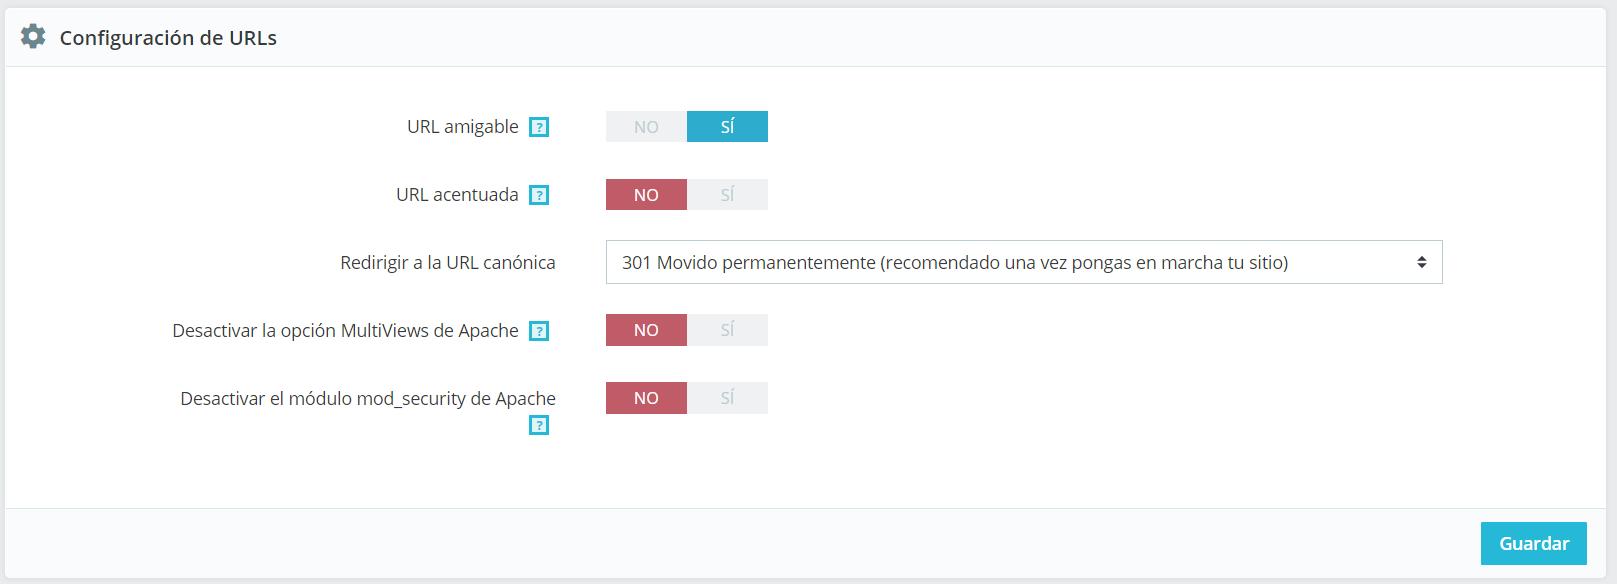 Configuración de URLs en Prestashop 1.7